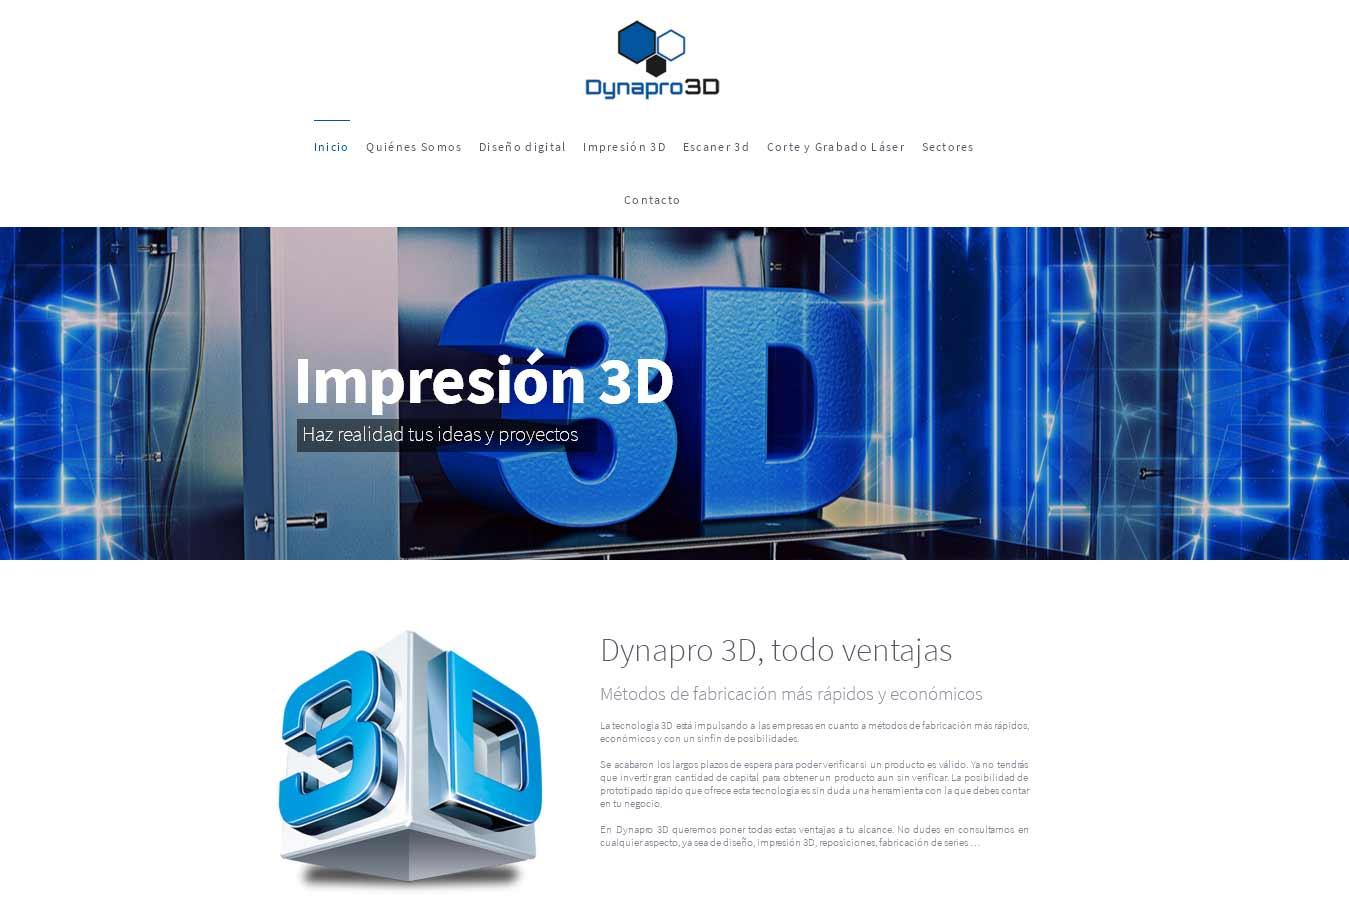 dynapro 3D